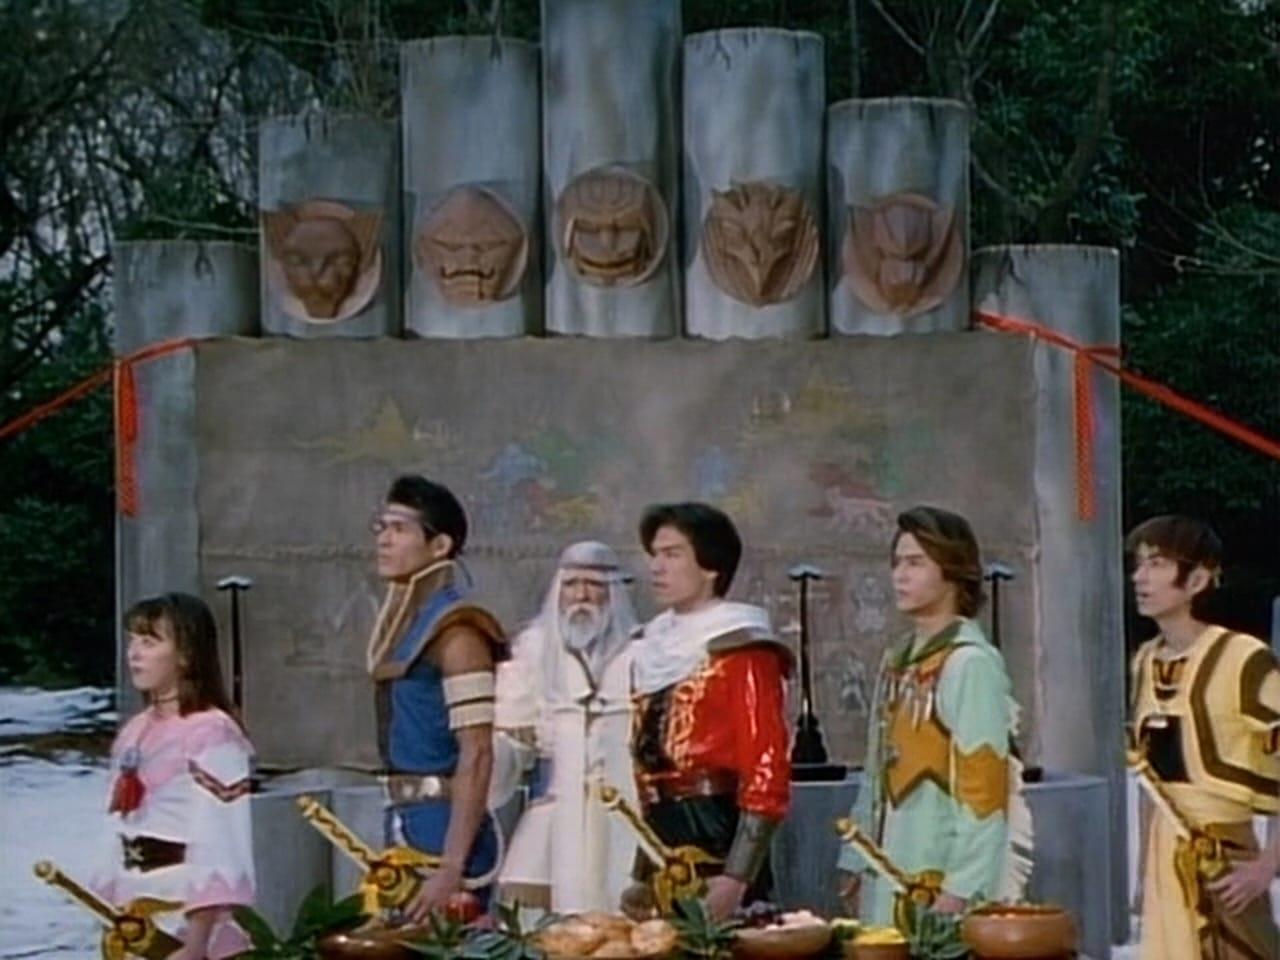 Juri Miyazawa, Teruaki Ogawa, Shouei, Koji Sueyoshi, Nobuaki Takahashi, and Hiroshi Arikawa in Seijû sentai Gingaman (1998)